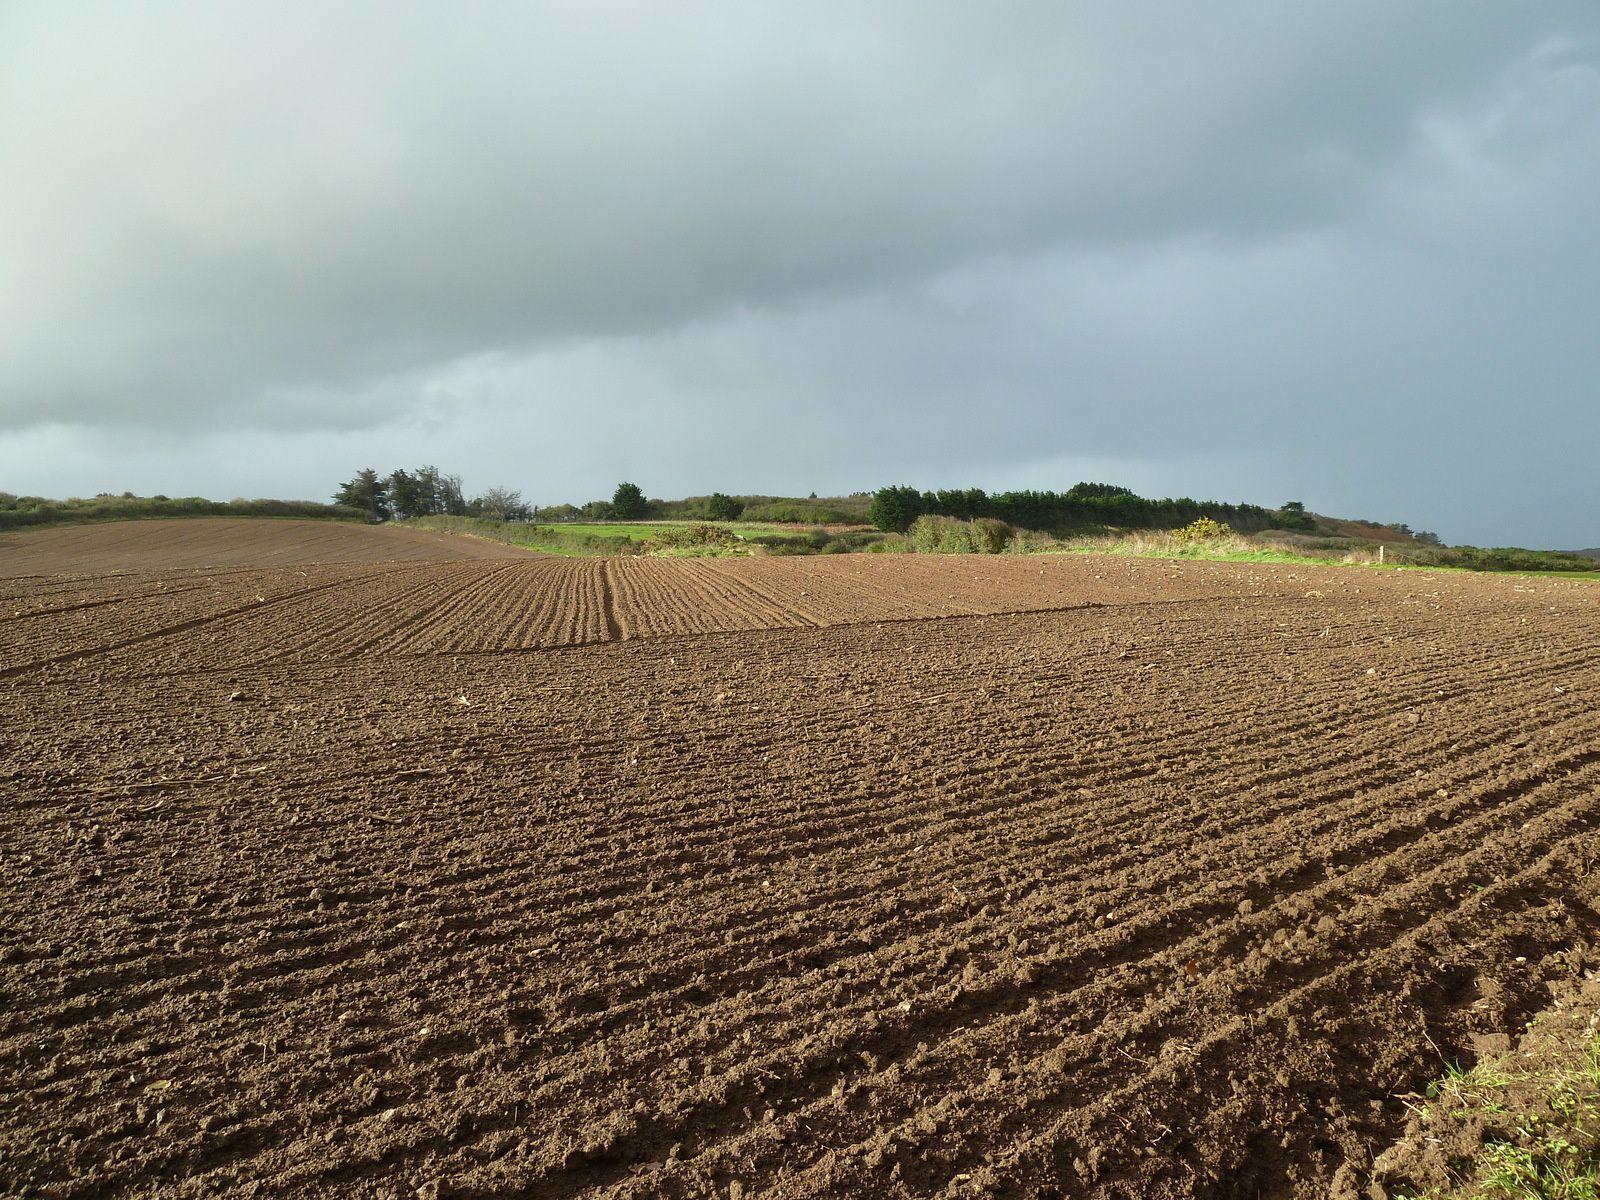 Après quelques dizaines de mètres, un grand champs fraichement labouré, ou ensemencé surmonté d'un ciel très perturbé.